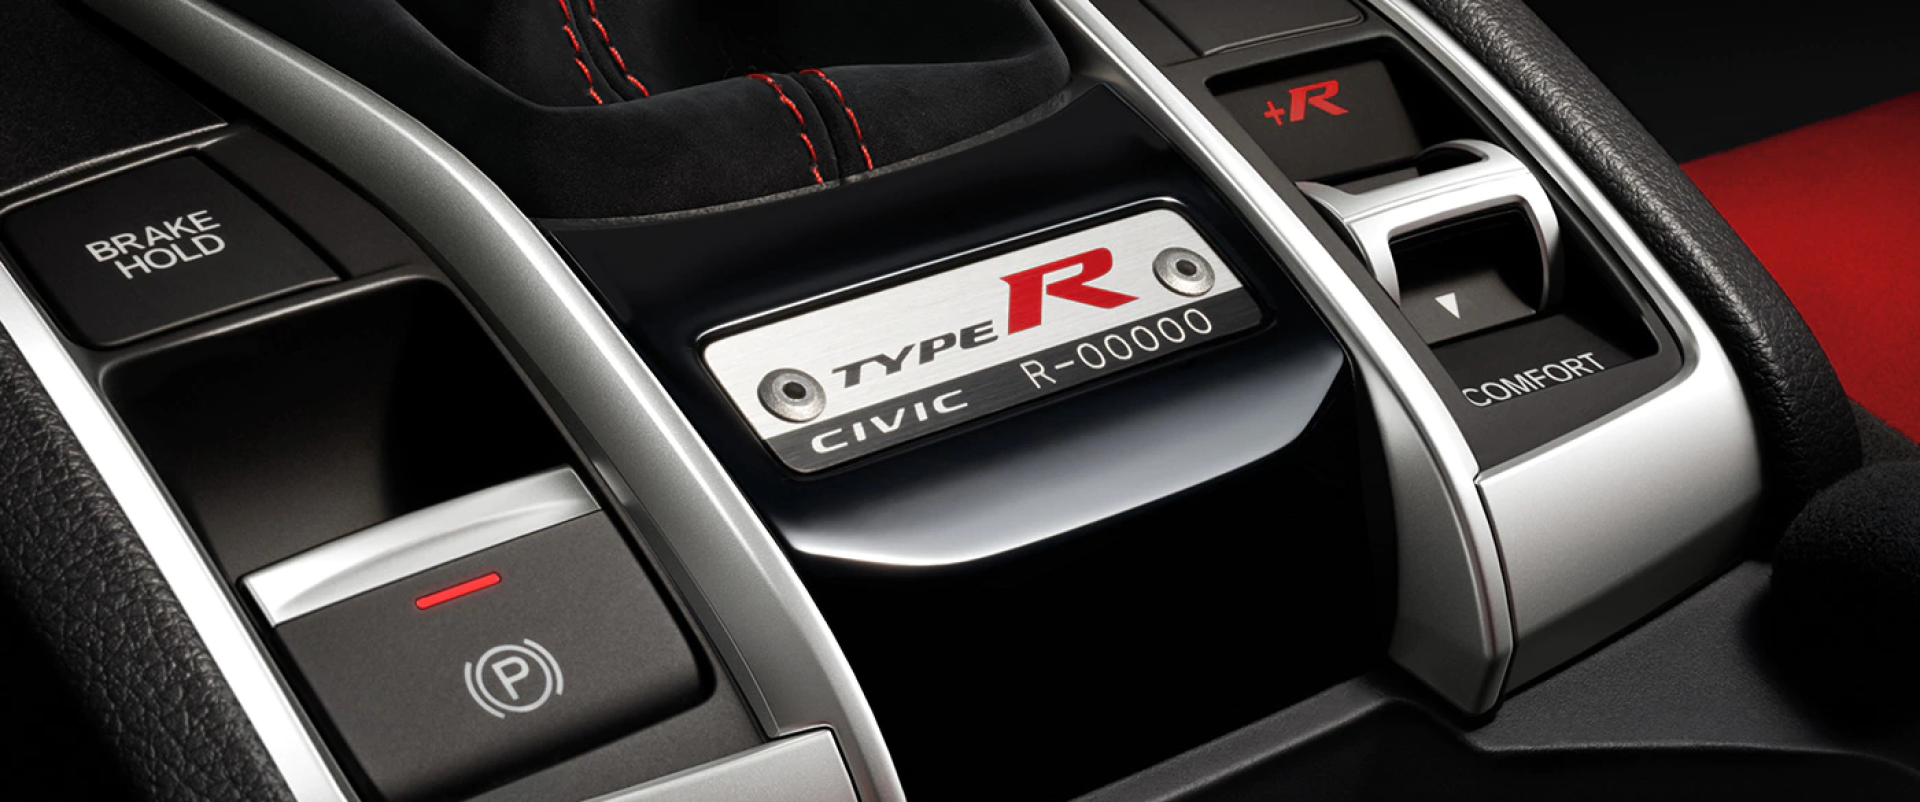 Honda_Civic_Type_R_Interior_Center_Console